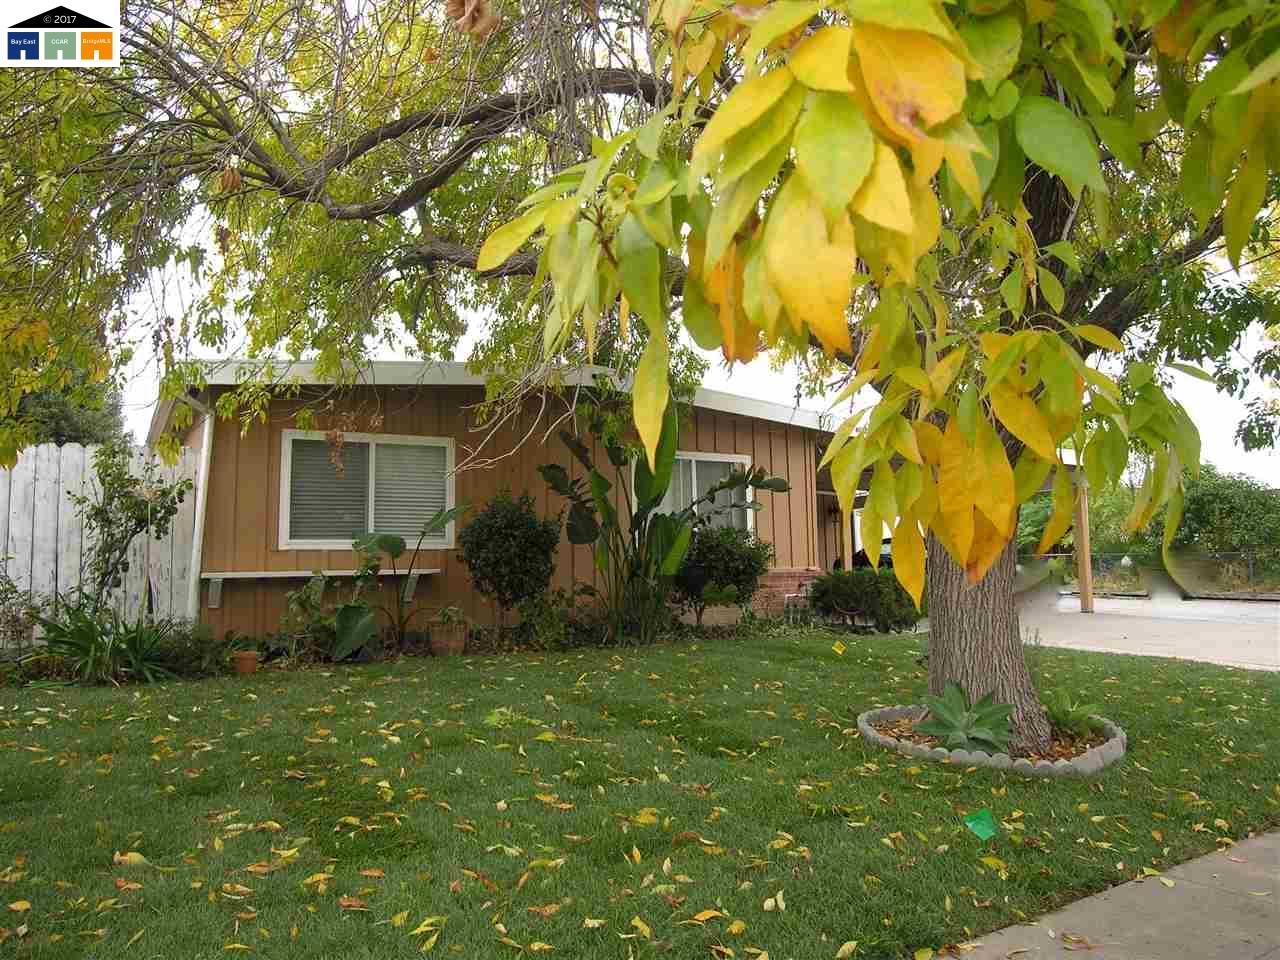 一戸建て のために 売買 アット 4072 Fairwood 4072 Fairwood Fremont, カリフォルニア 94538 アメリカ合衆国